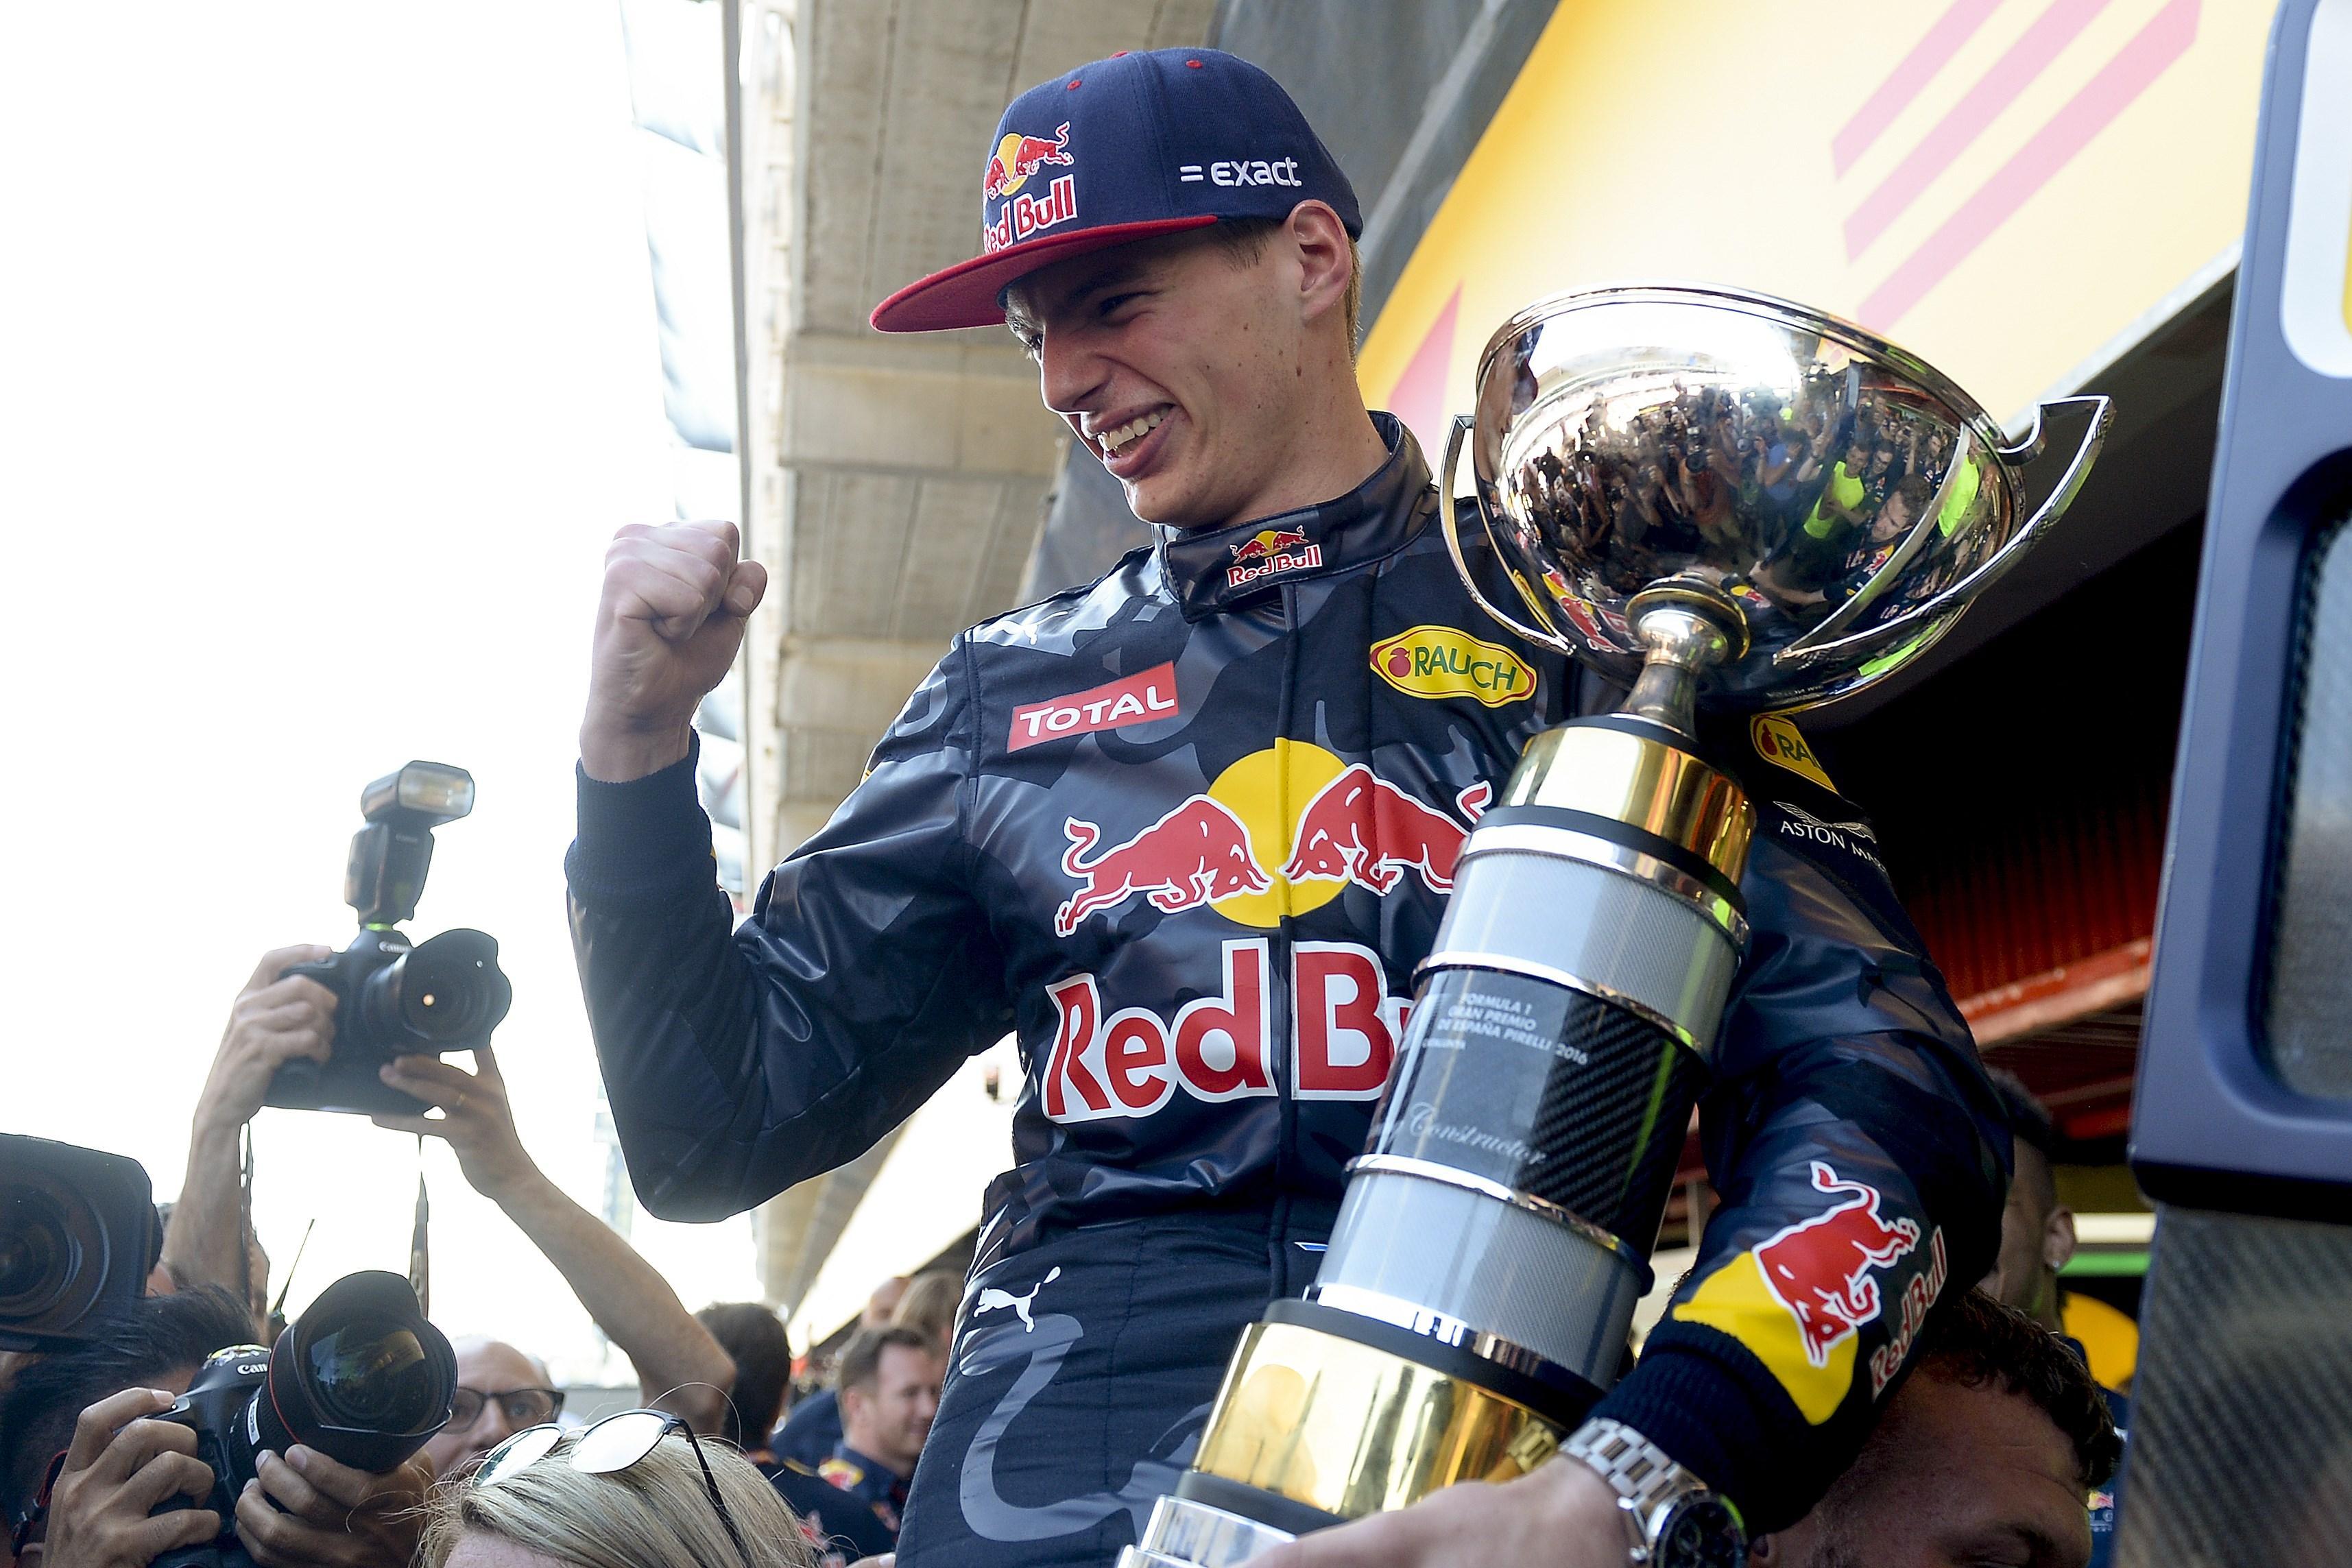 Hoe één man ons land binnen een paar jaar racegek maakte: 'De Formule 1 was op sterven na dood in Nederland'